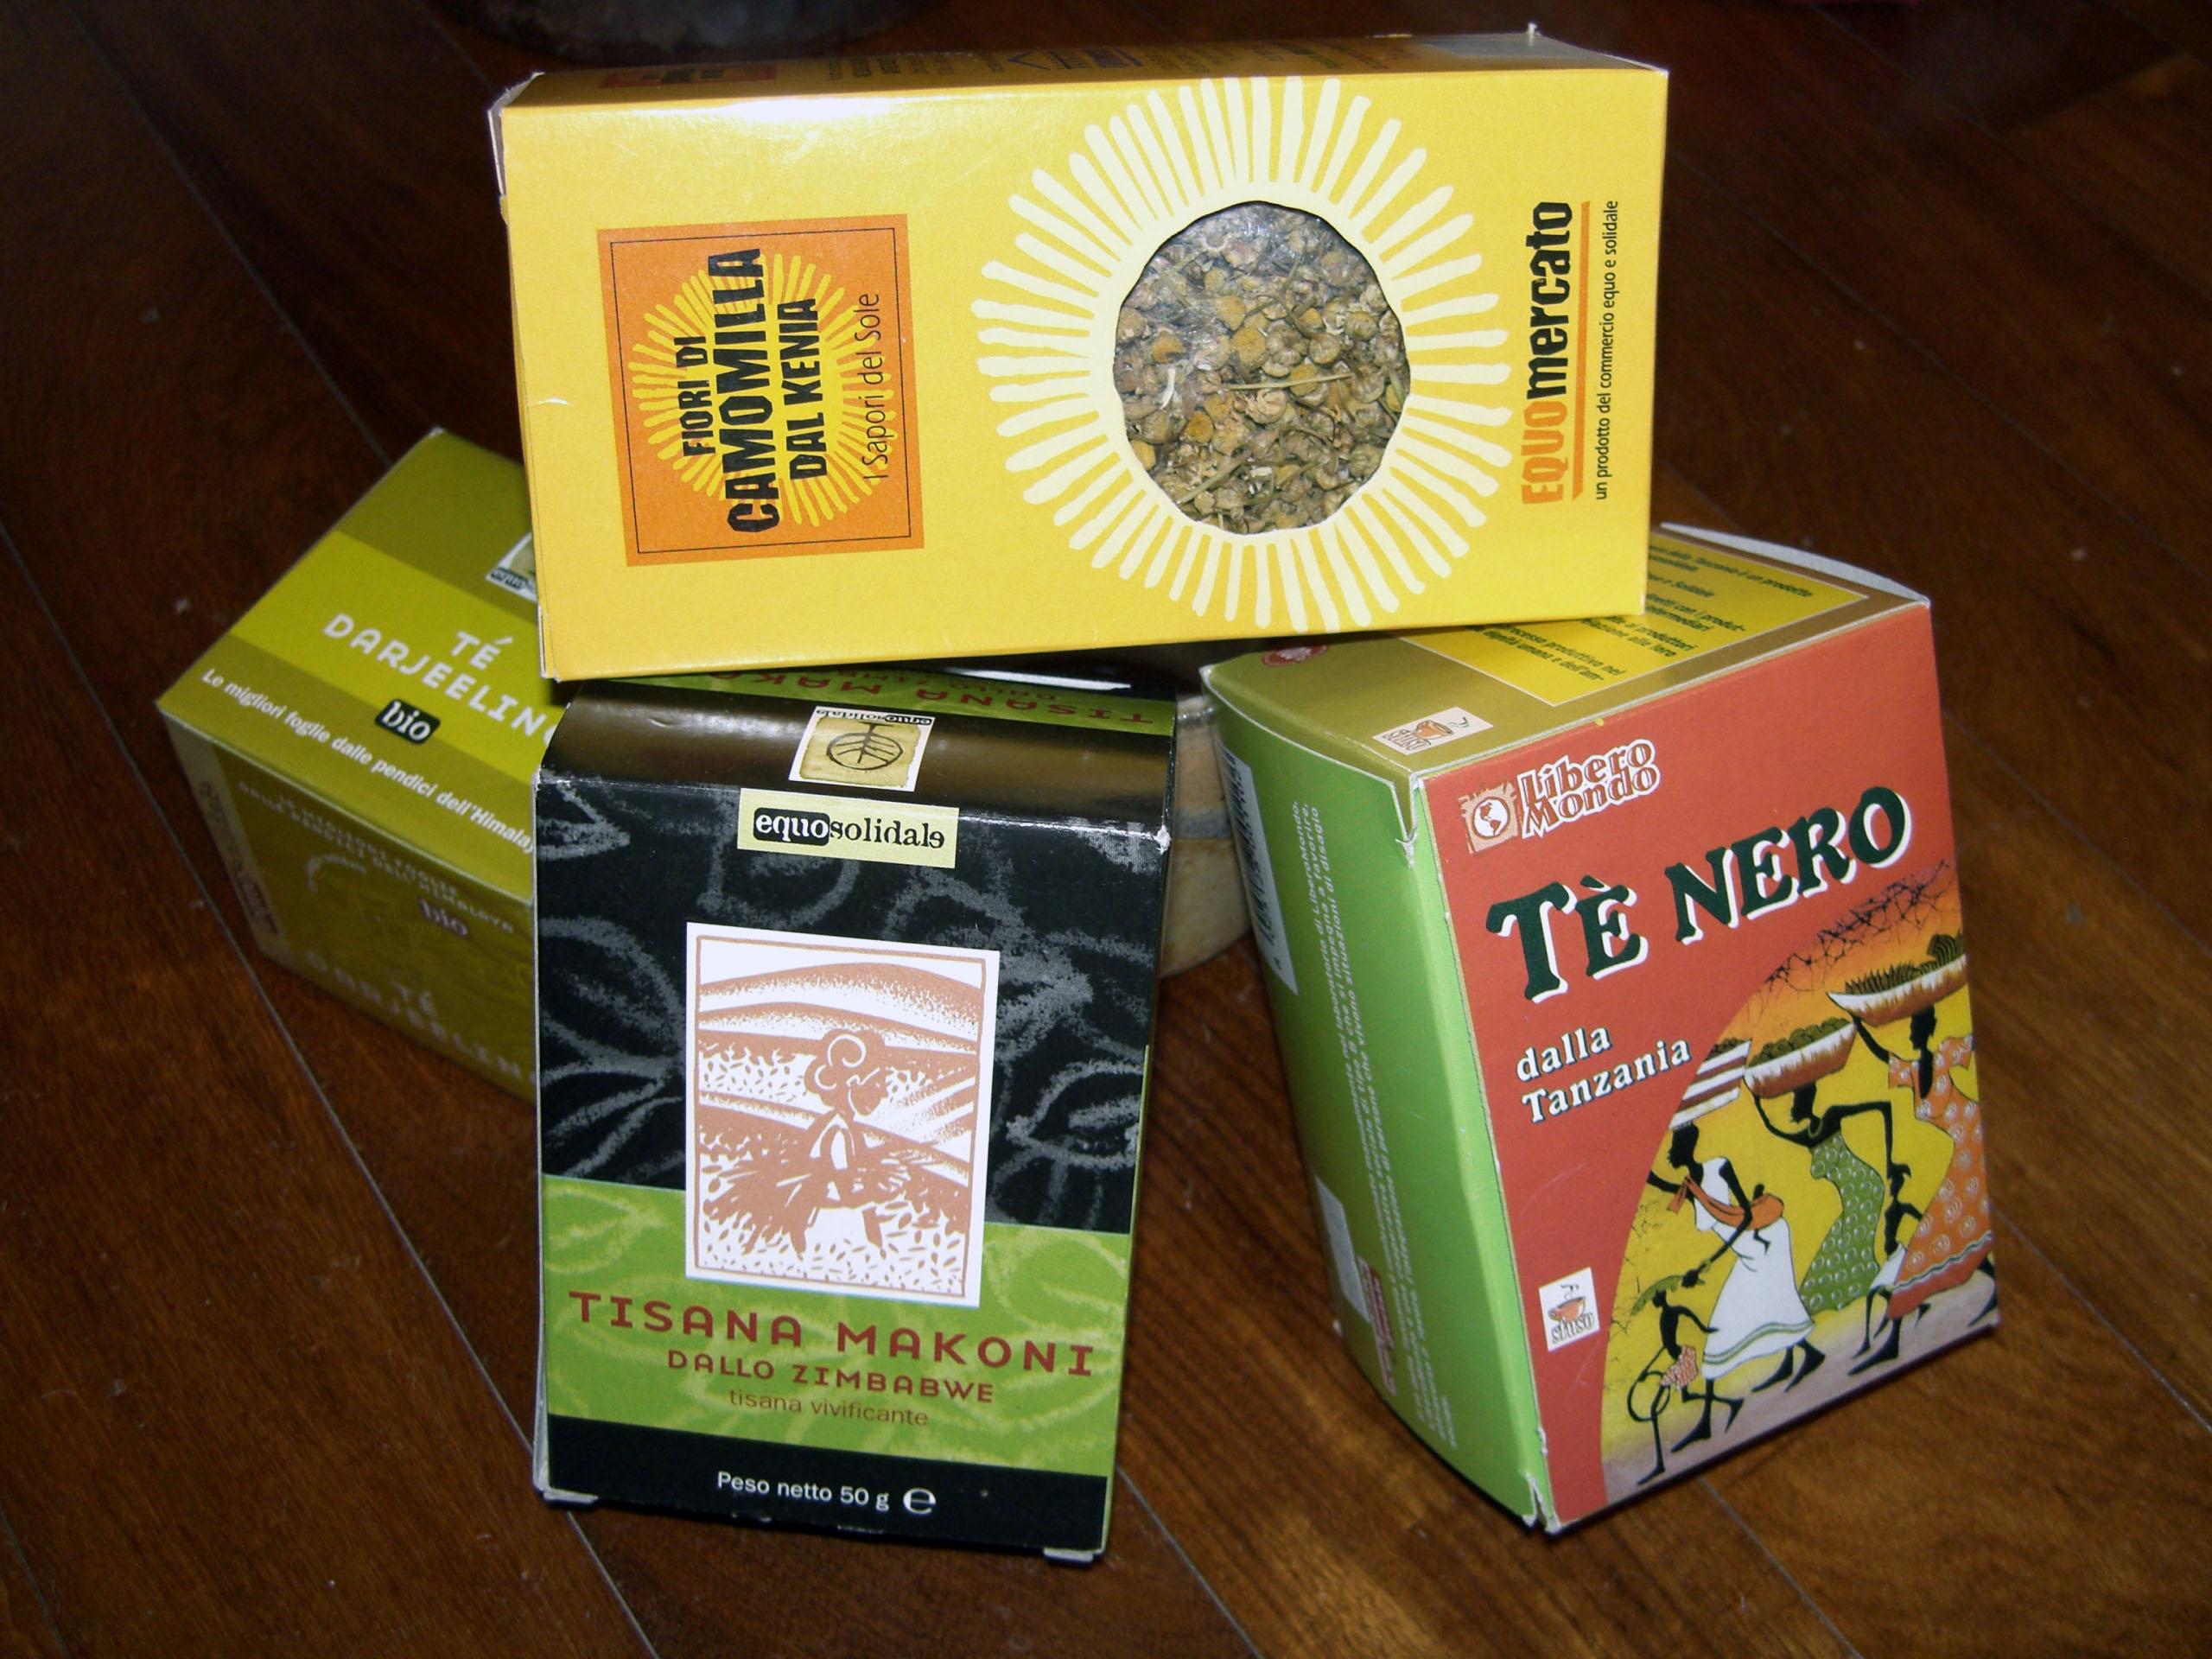 bd2f19cbf5e0 Fair trade - Wikipedia